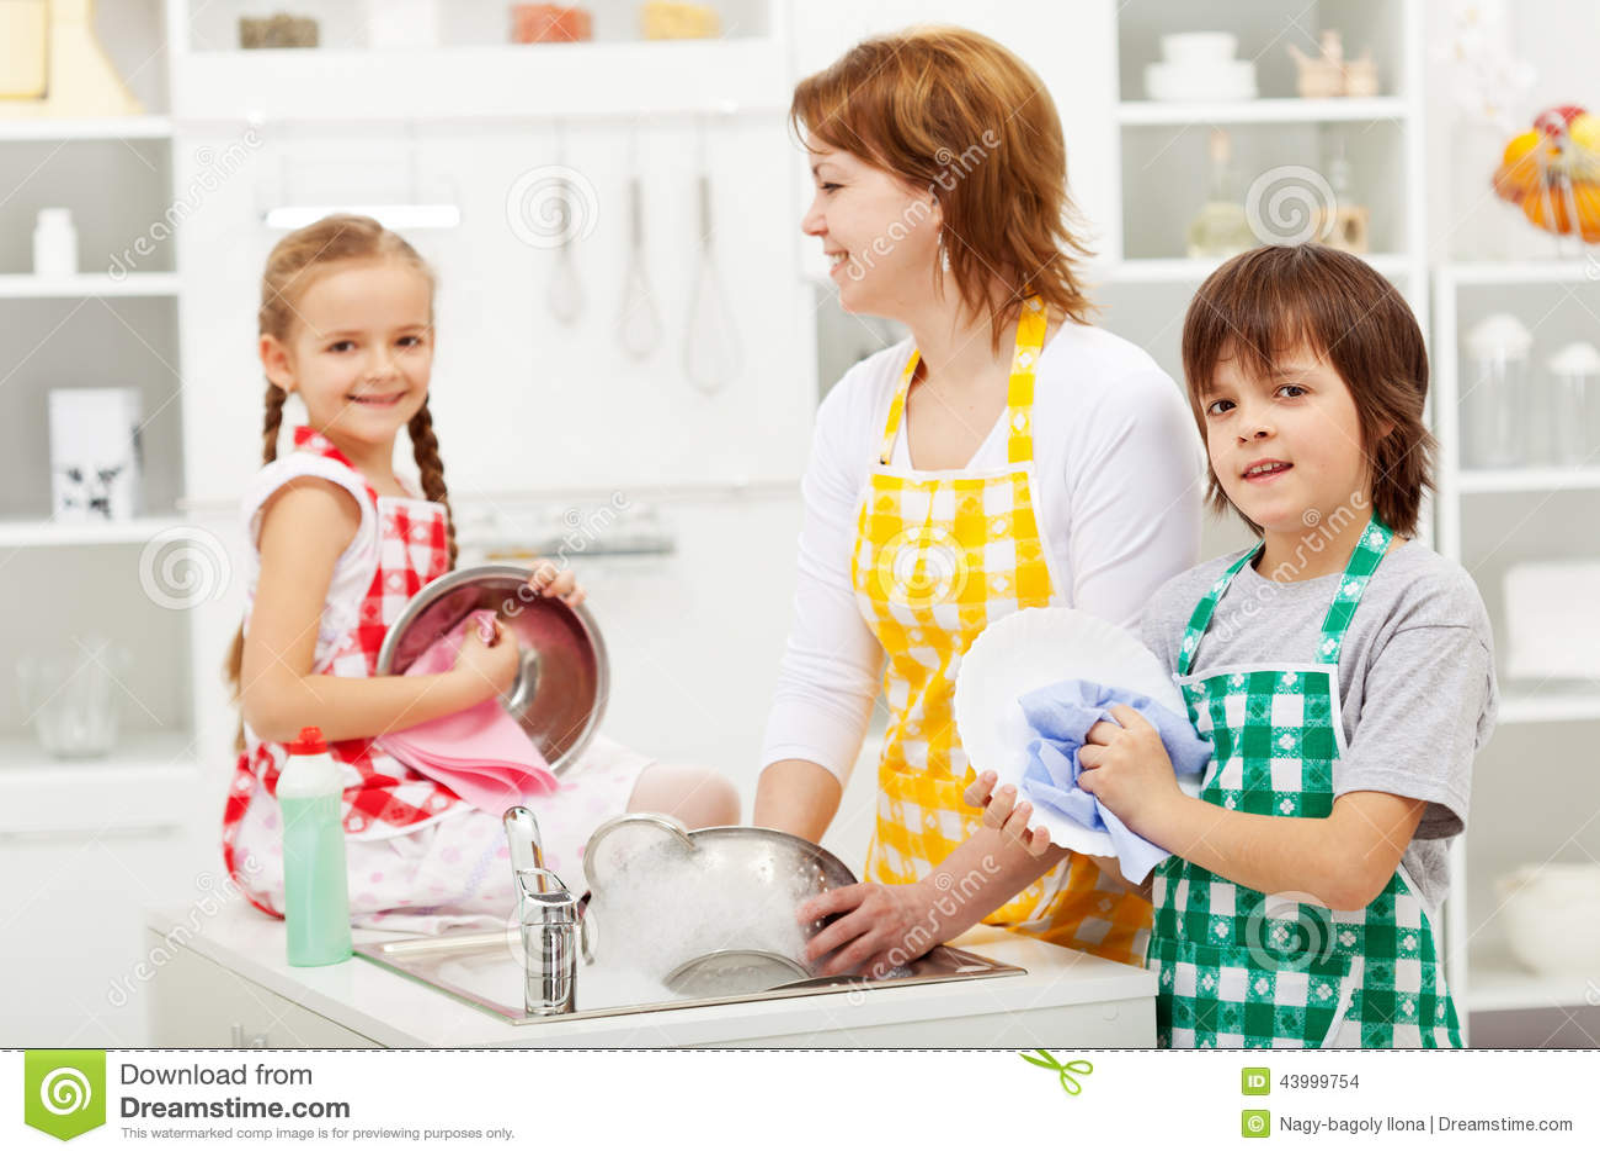 Сын мыл посуду и подошла мать 1 фотография